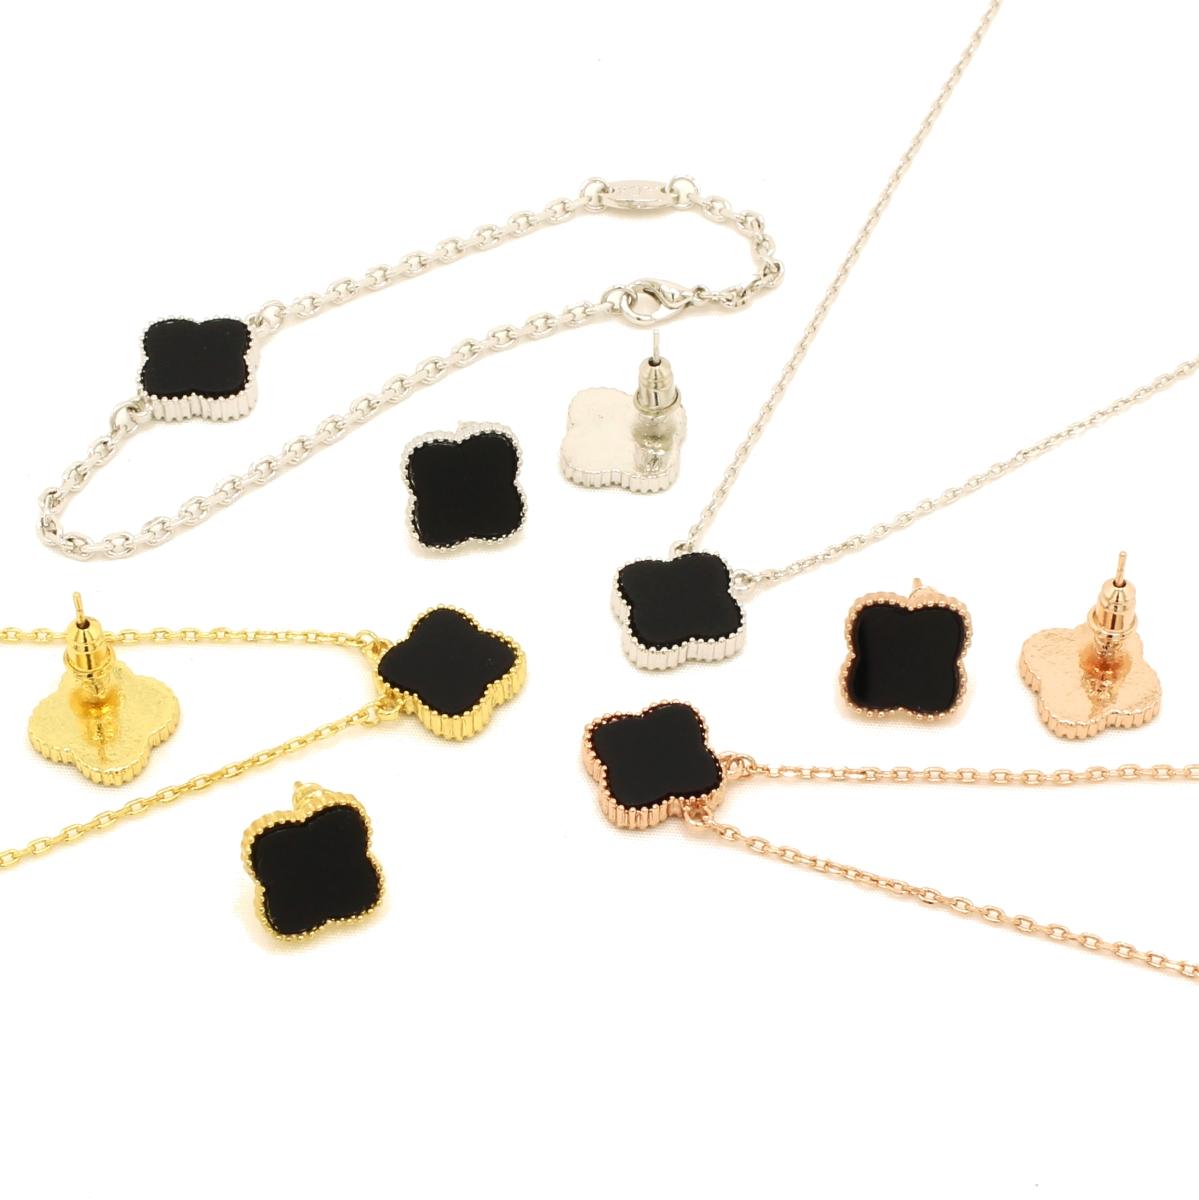 Hakuchobana Perlafiore Mil Gold Flower Necklace Pierced Earrings